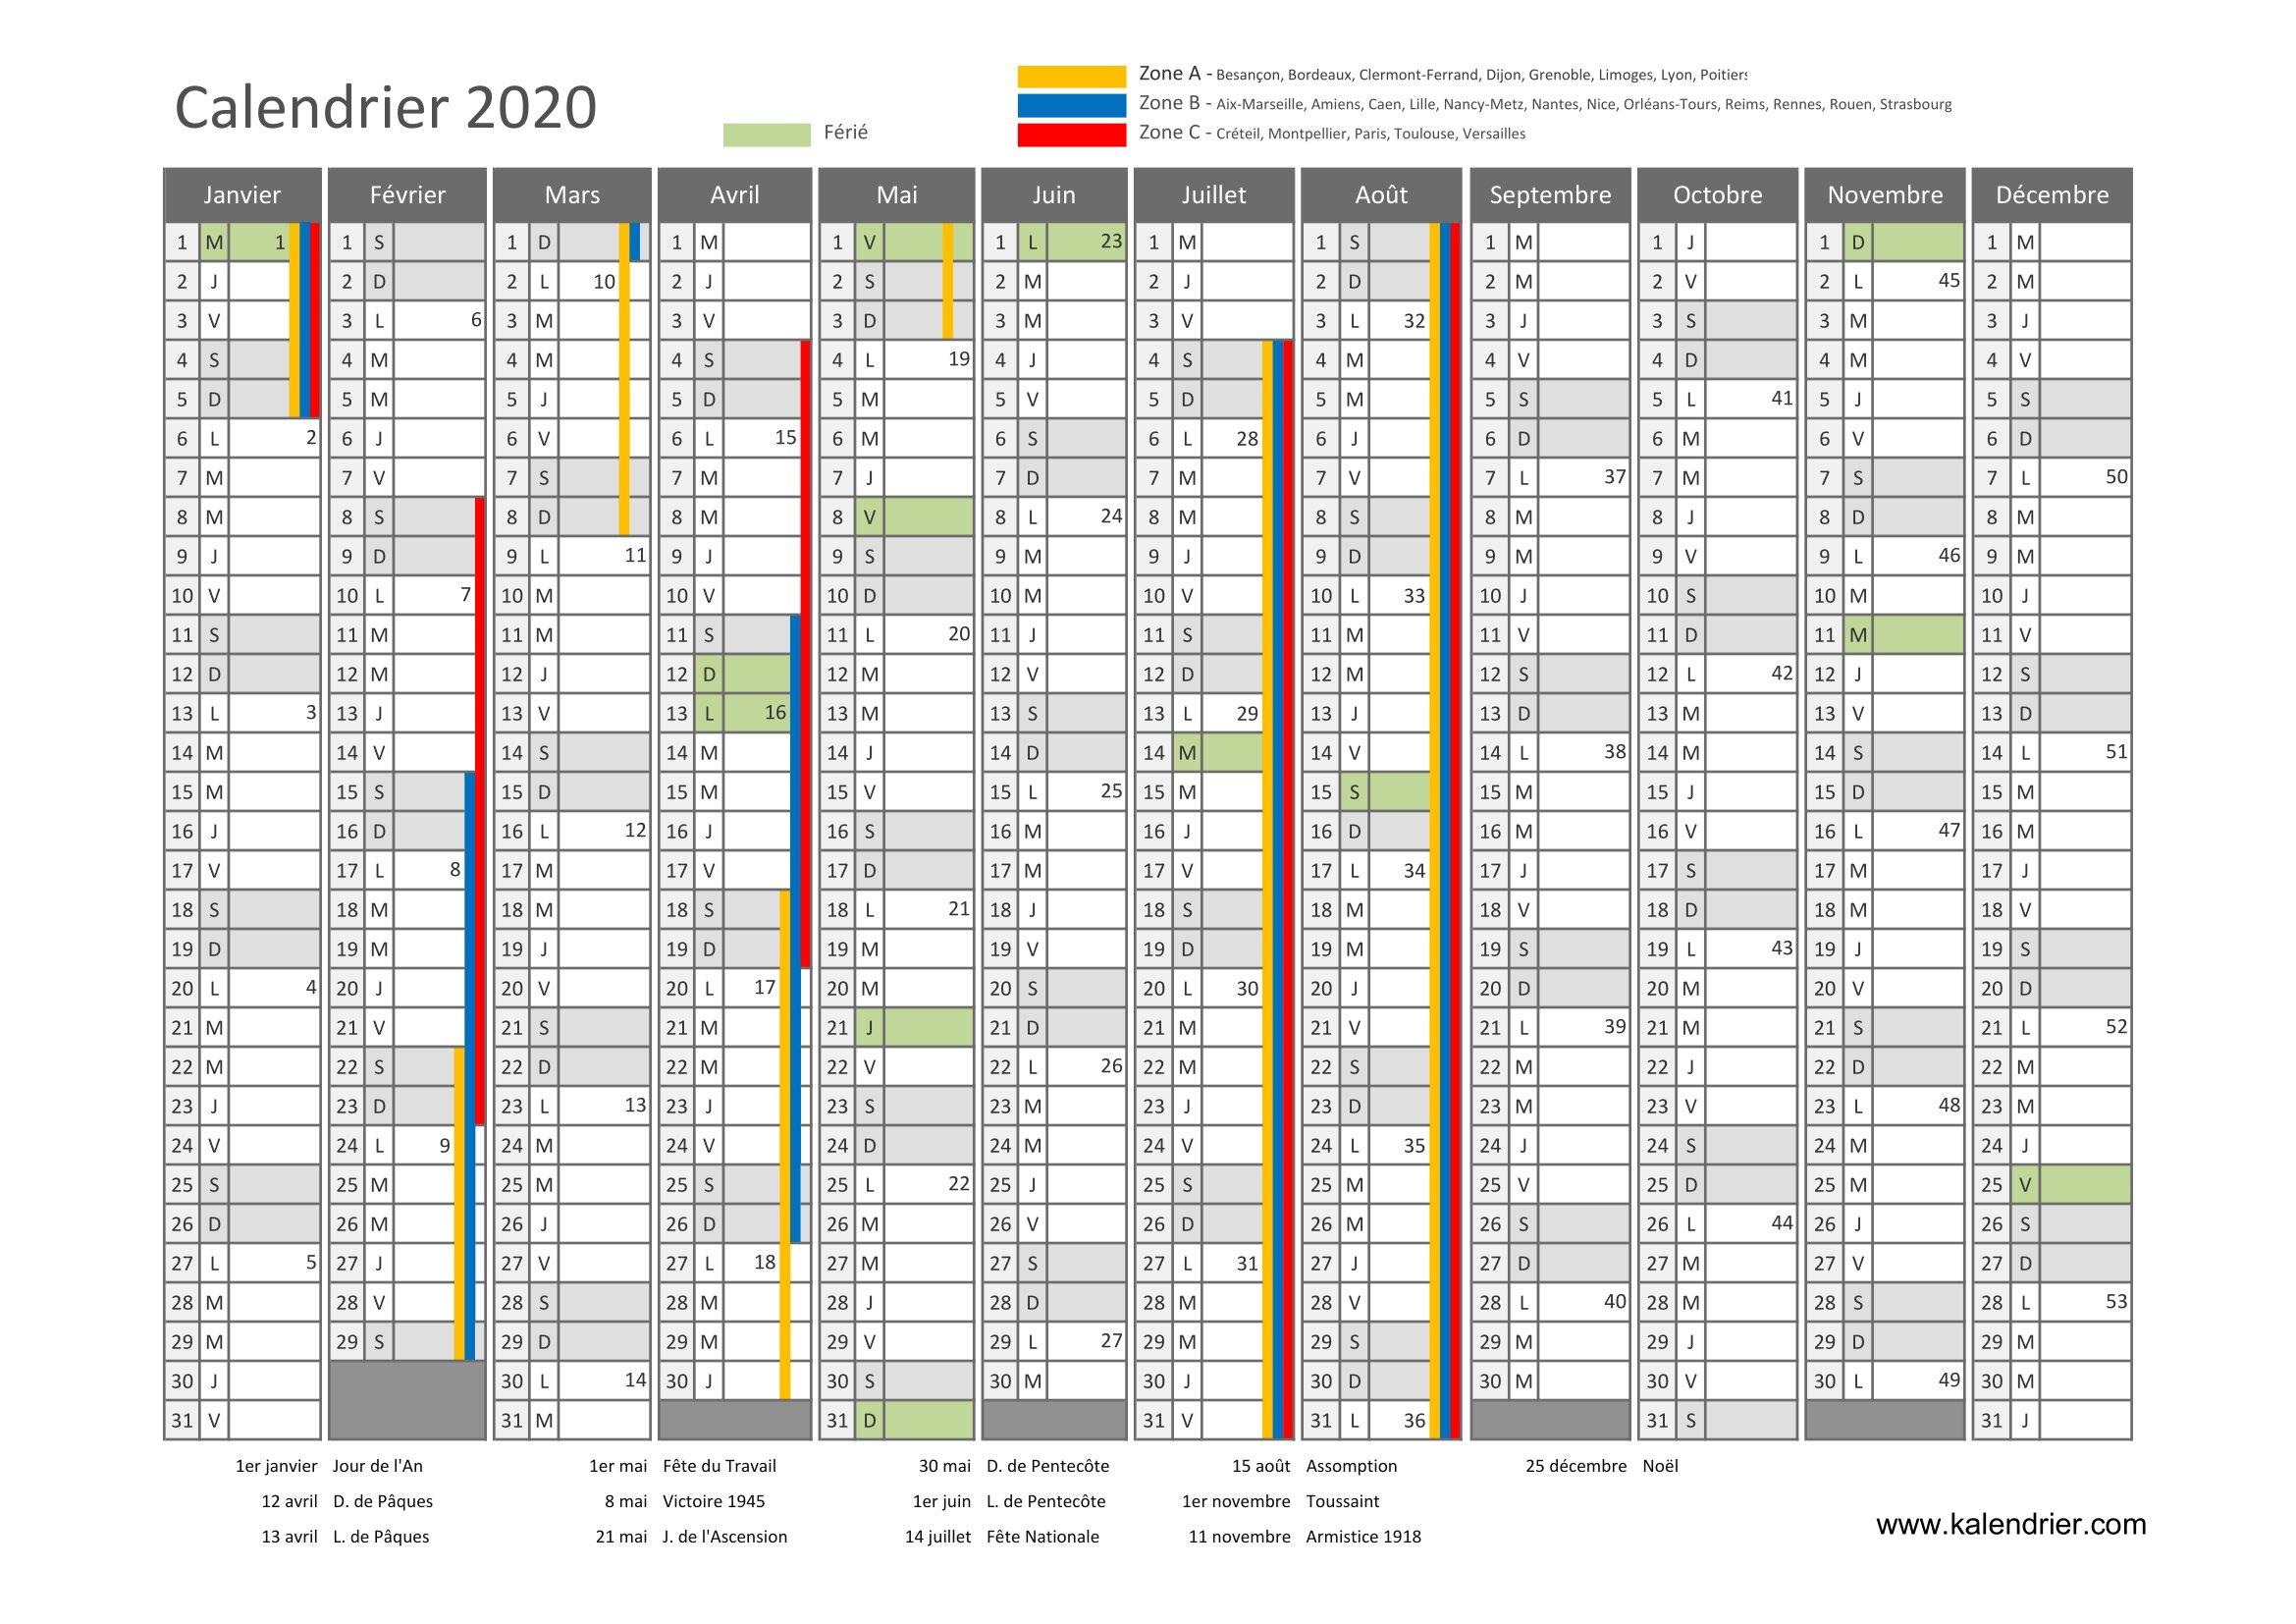 Calendrier 2020 À Imprimer : Jours Fériés - Vacances tout Calendrier 2019 Avec Jours Fériés Vacances Scolaires À Imprimer